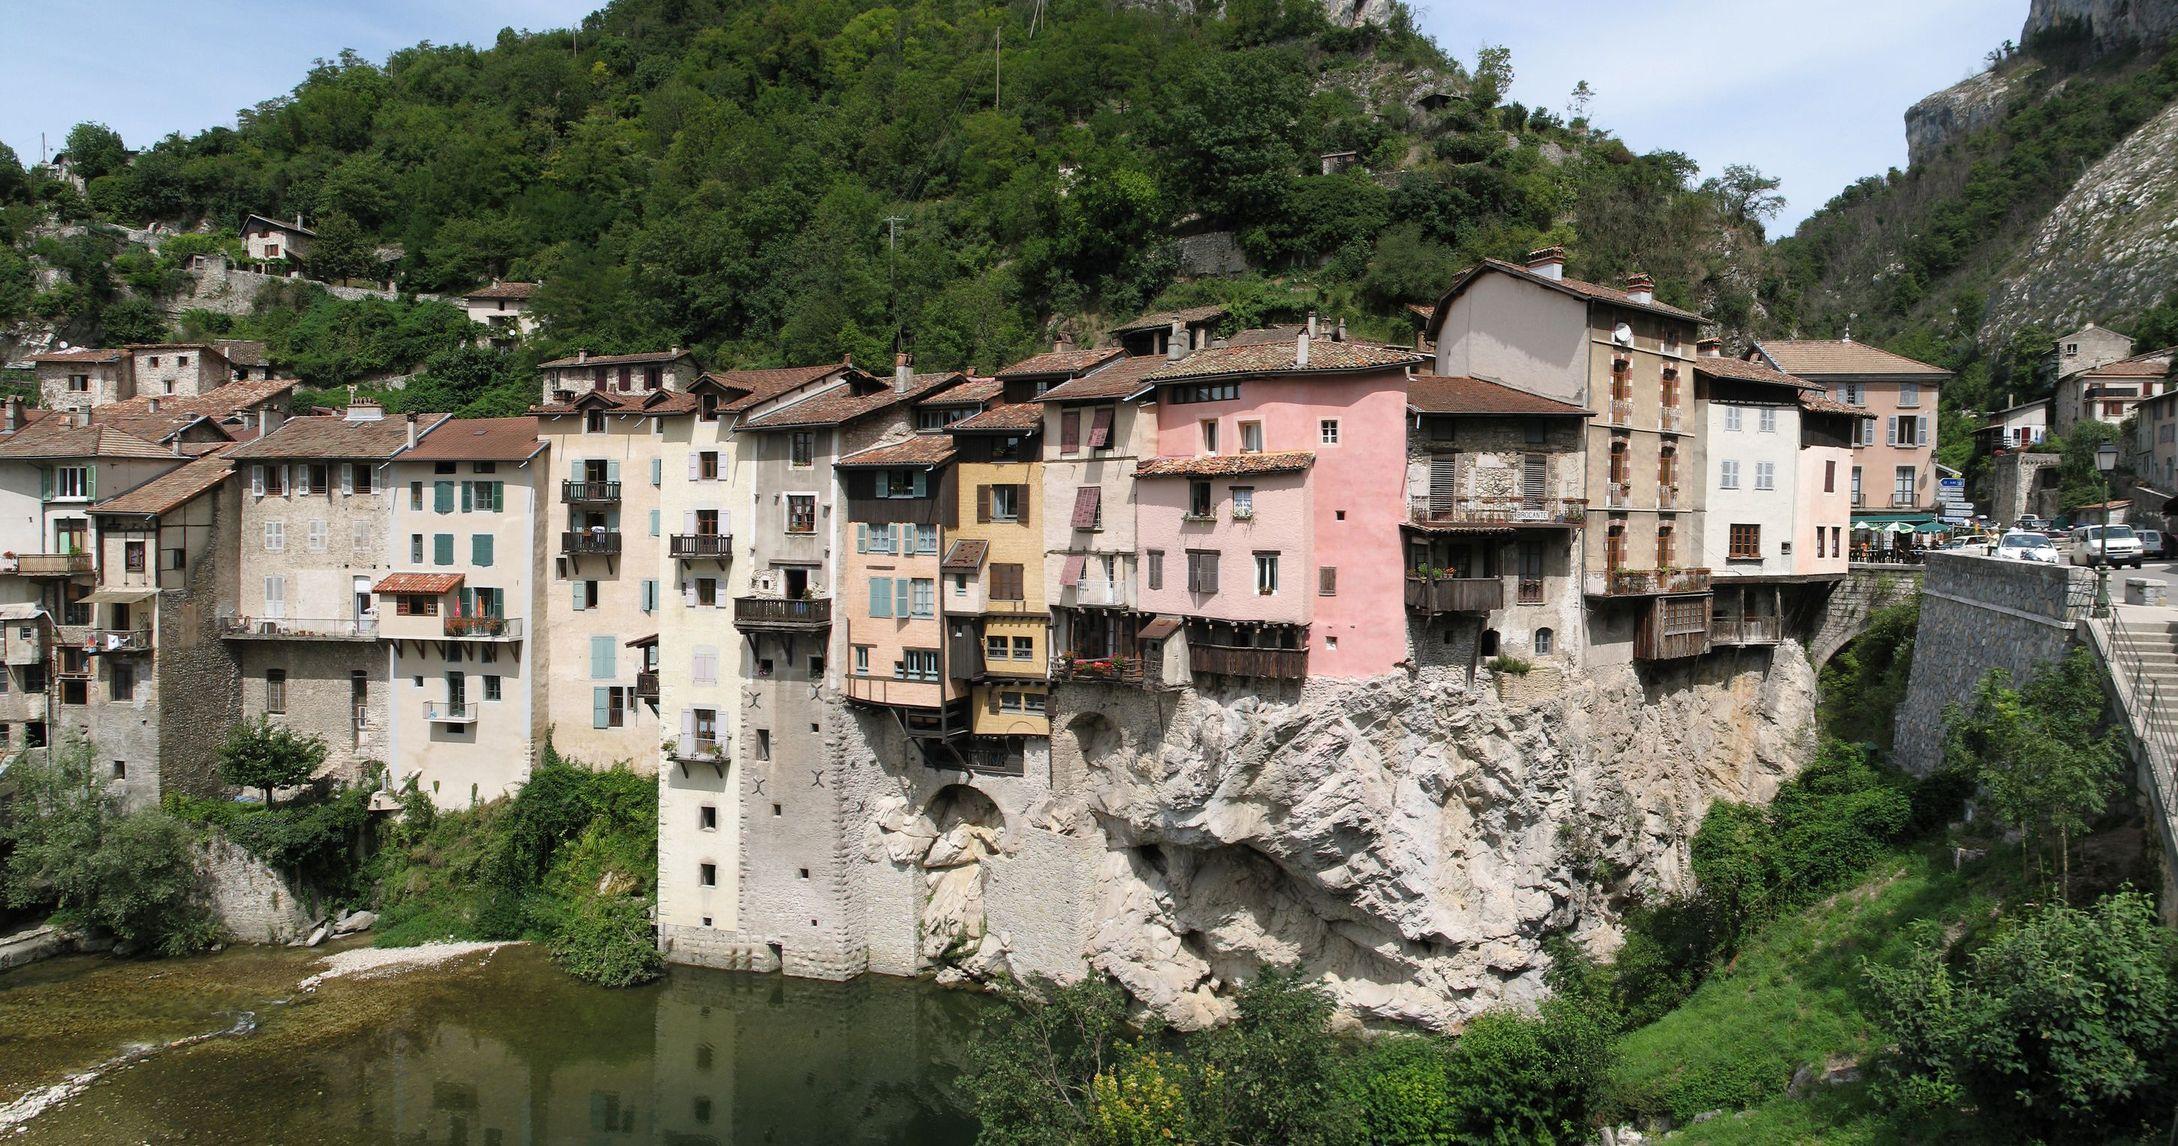 De grenoble pont en royans mon blog moi que j 39 ai - Office du tourisme pont en royans ...